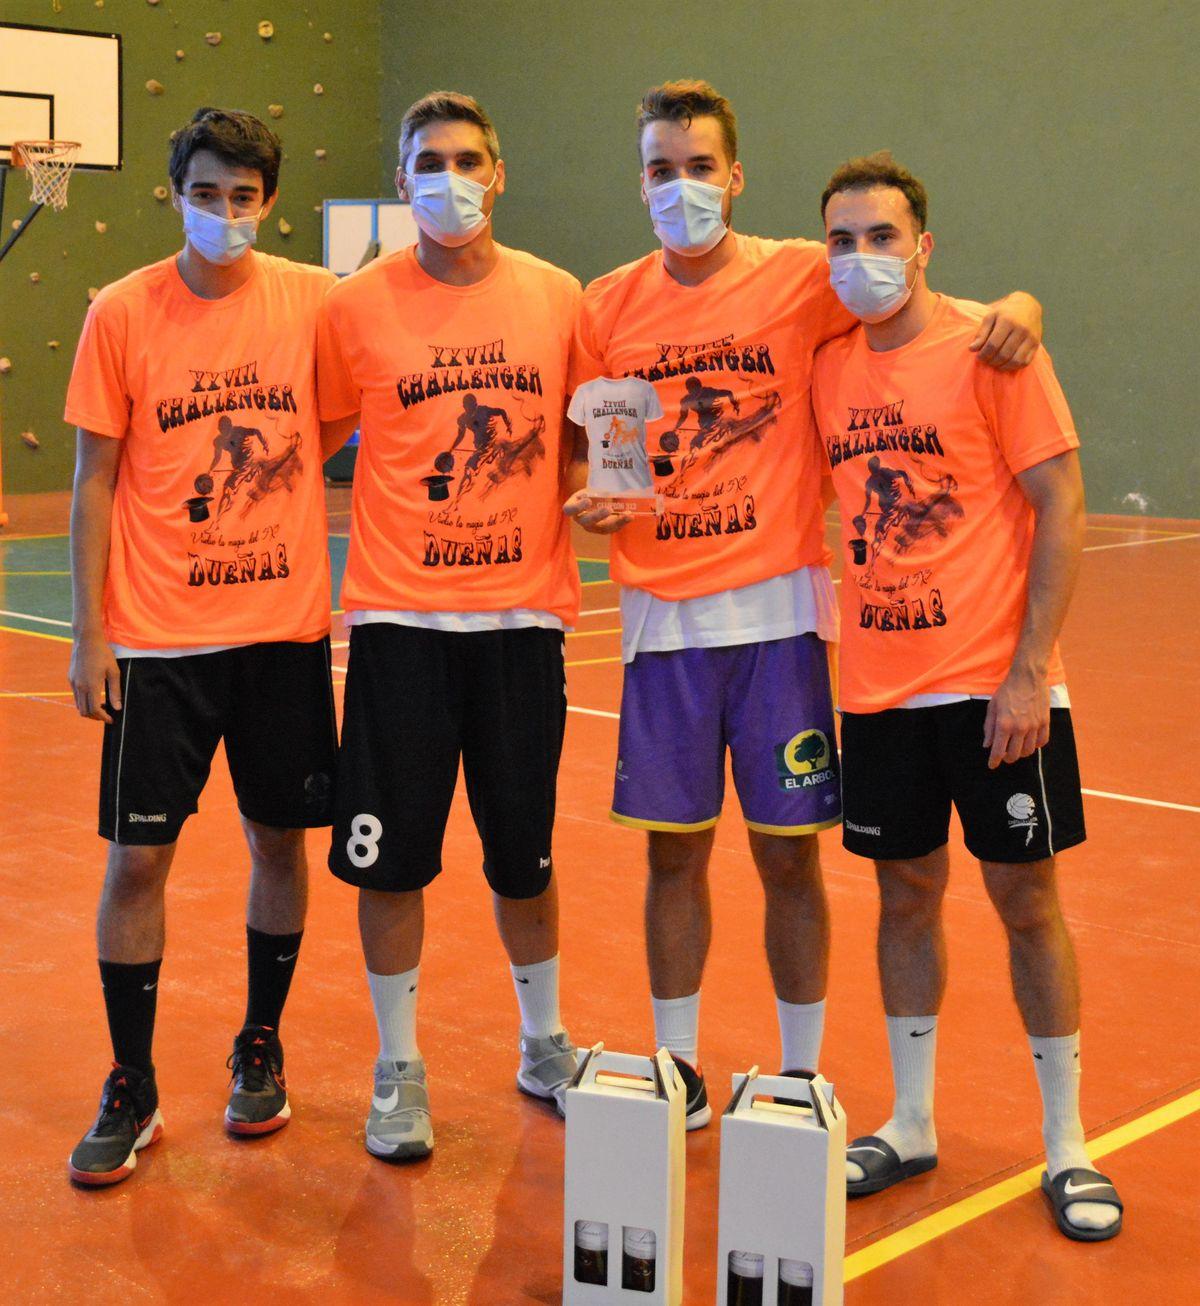 Aldeamayor 3x3, campeones del Challenge 3x3. Foto Eldana CB